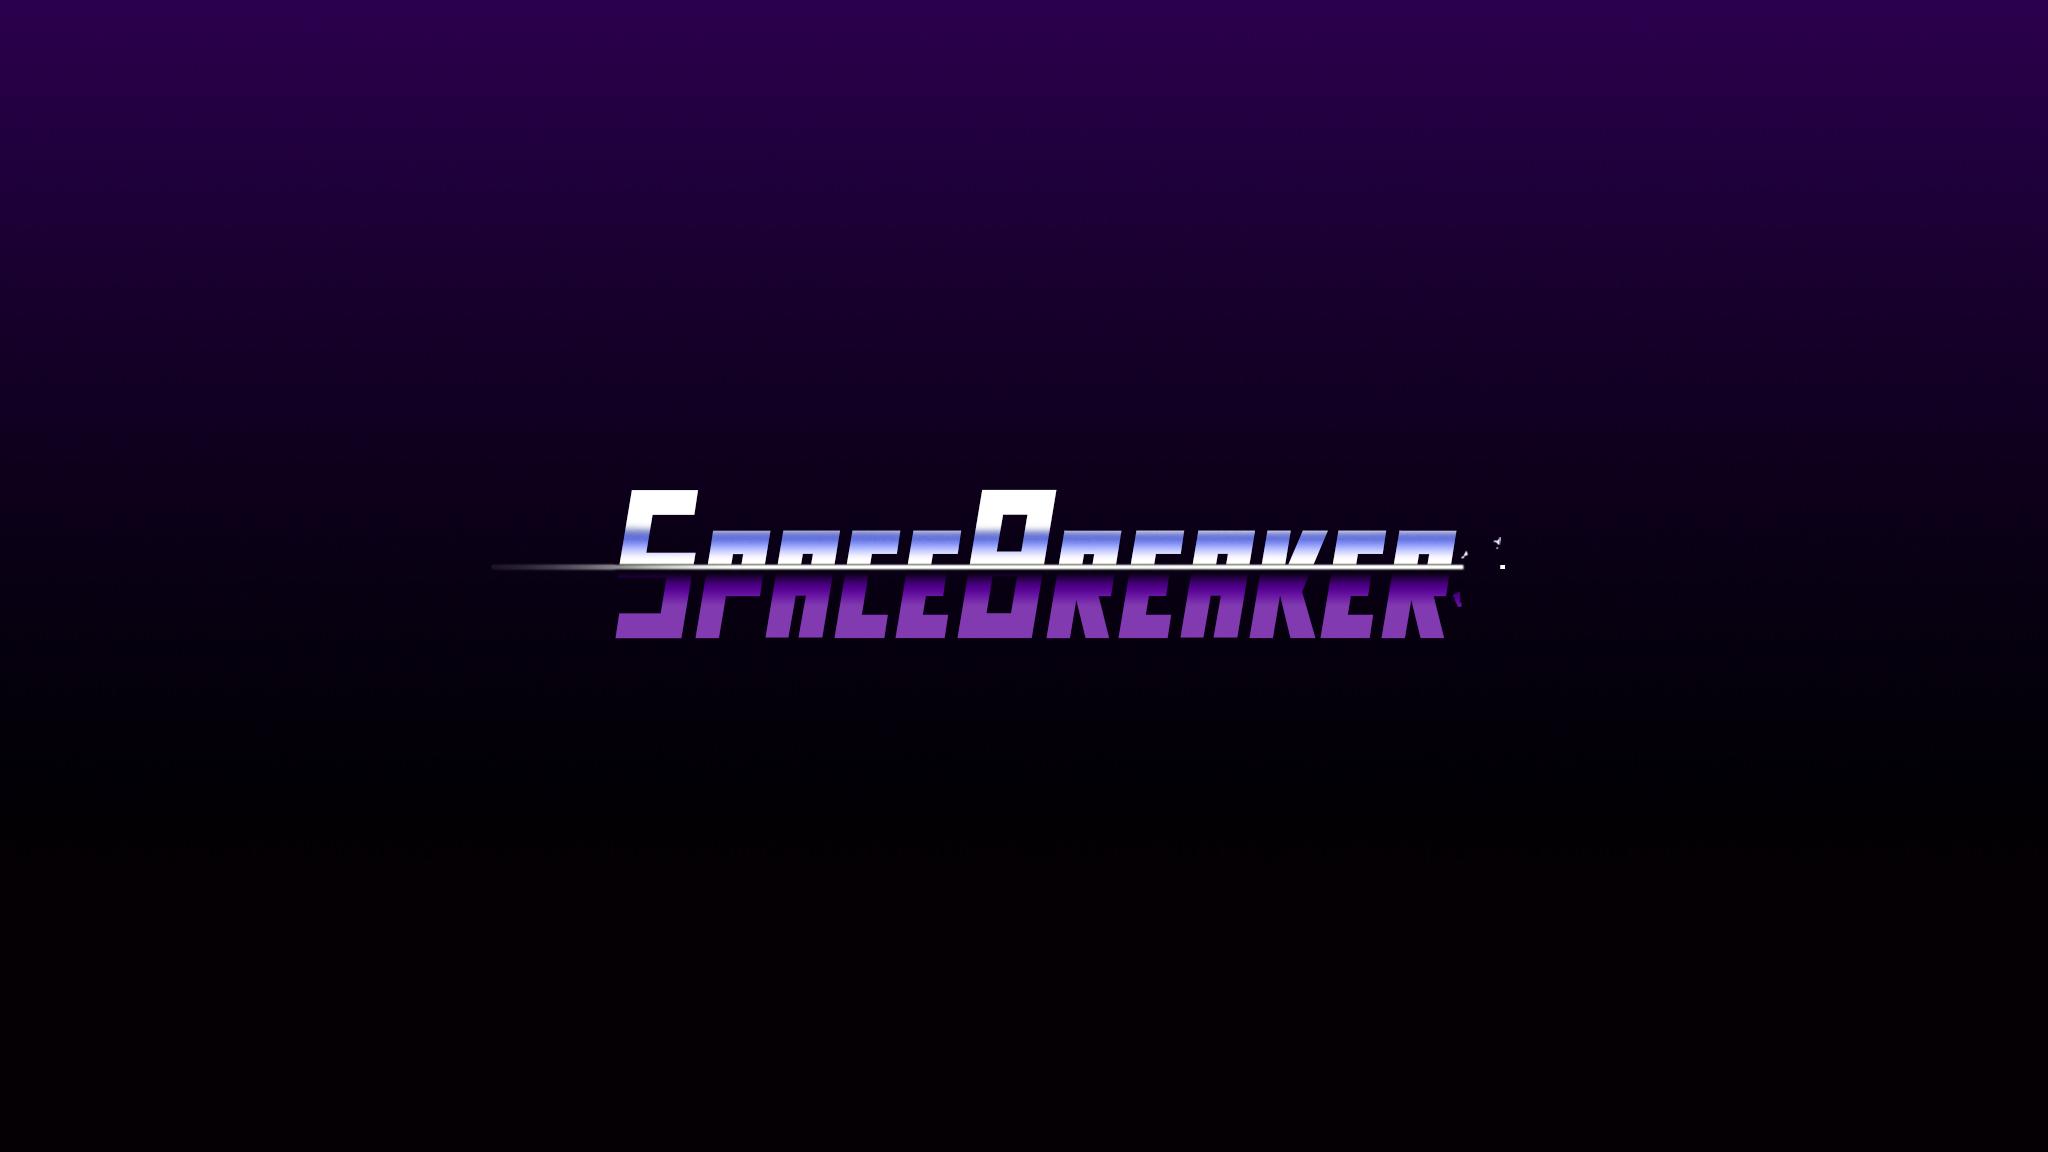 SpaceBreaker_fullSize2